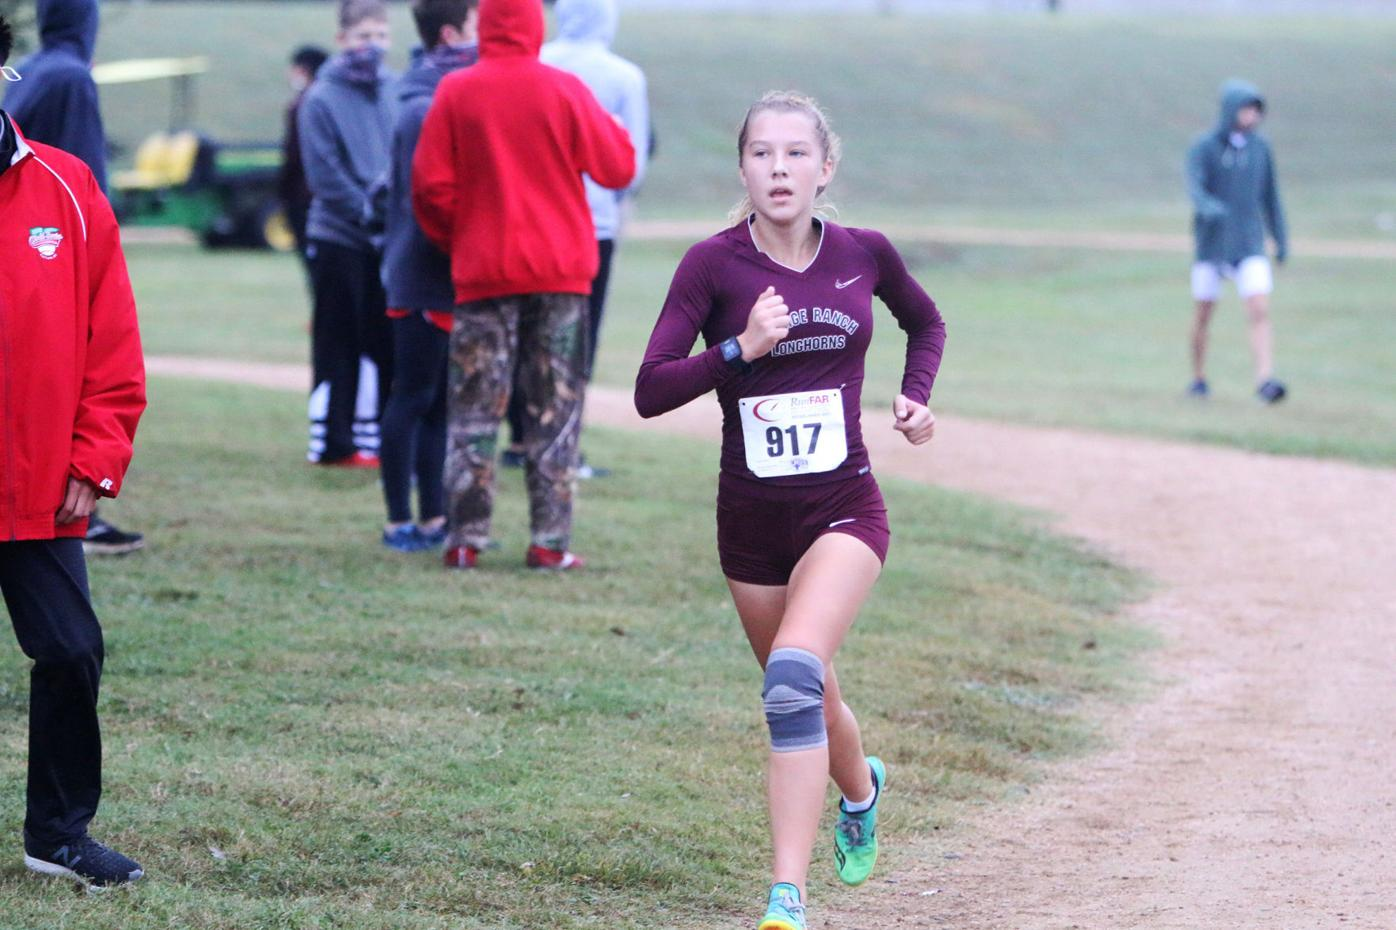 Freshman leads Longhorn girls in 20-6A meet